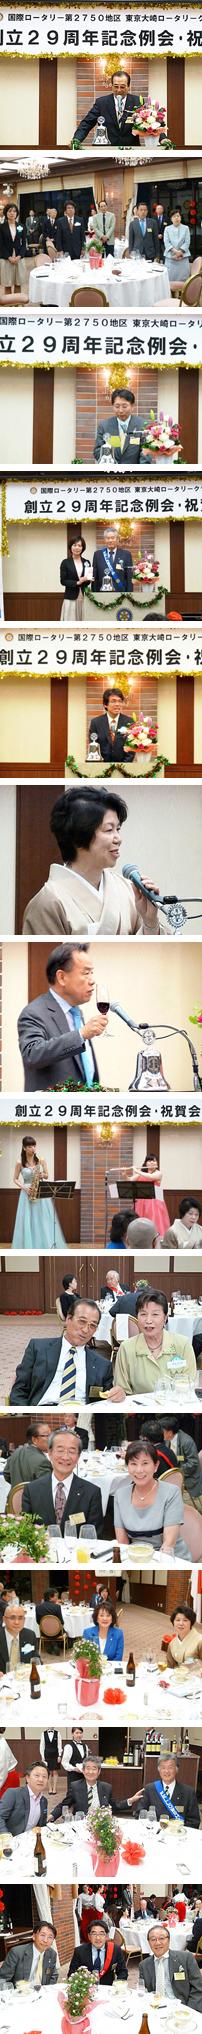 東京大崎RC創立29周年記念例会